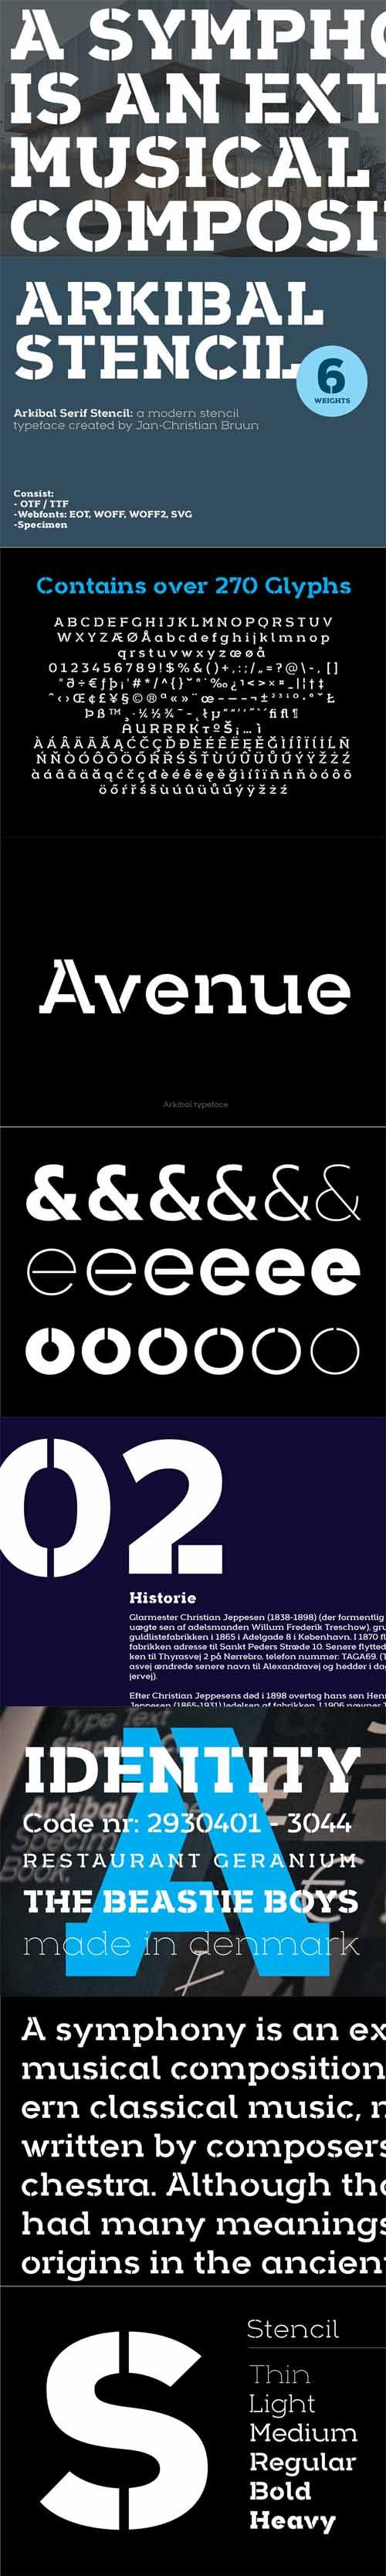 Arkibal Stencil Serif Font